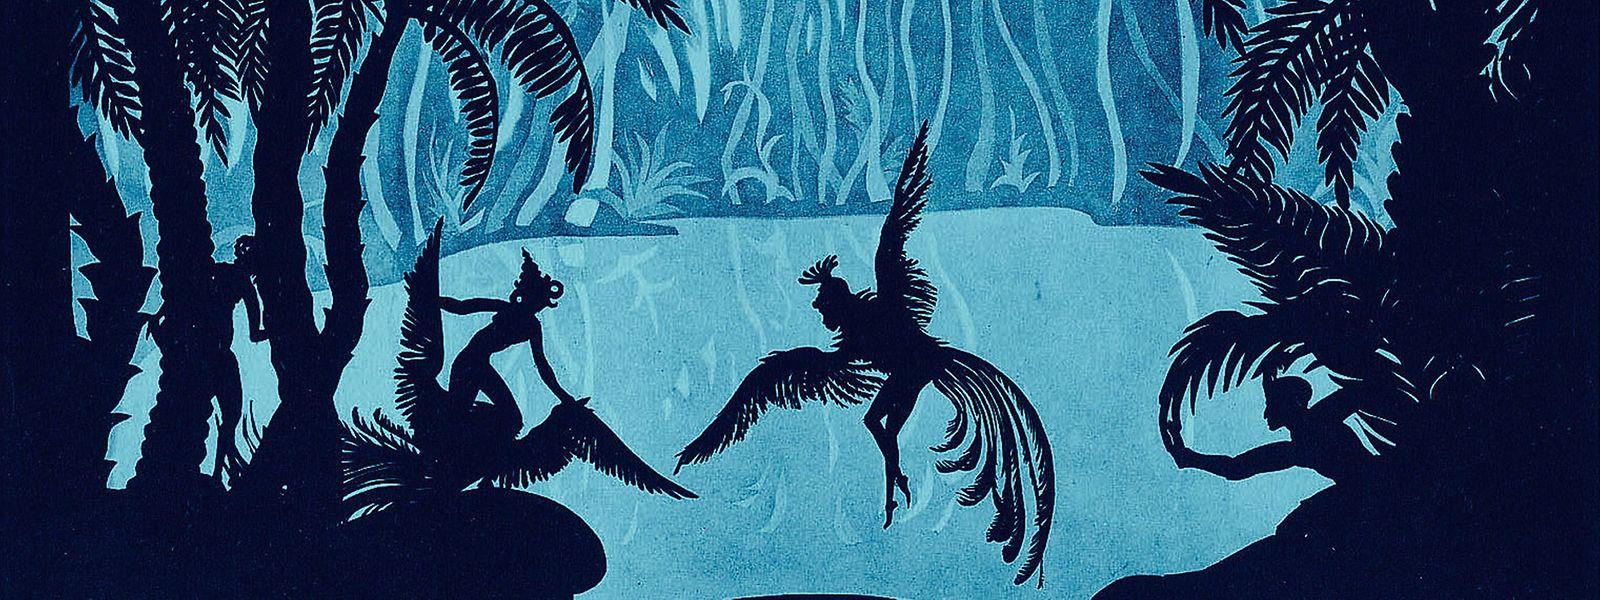 """Der Film """"Die Abenteuer des Prinzen Achmed"""" von Lotte Reiniger ist der Geheimtipp von Claude Bertemes."""